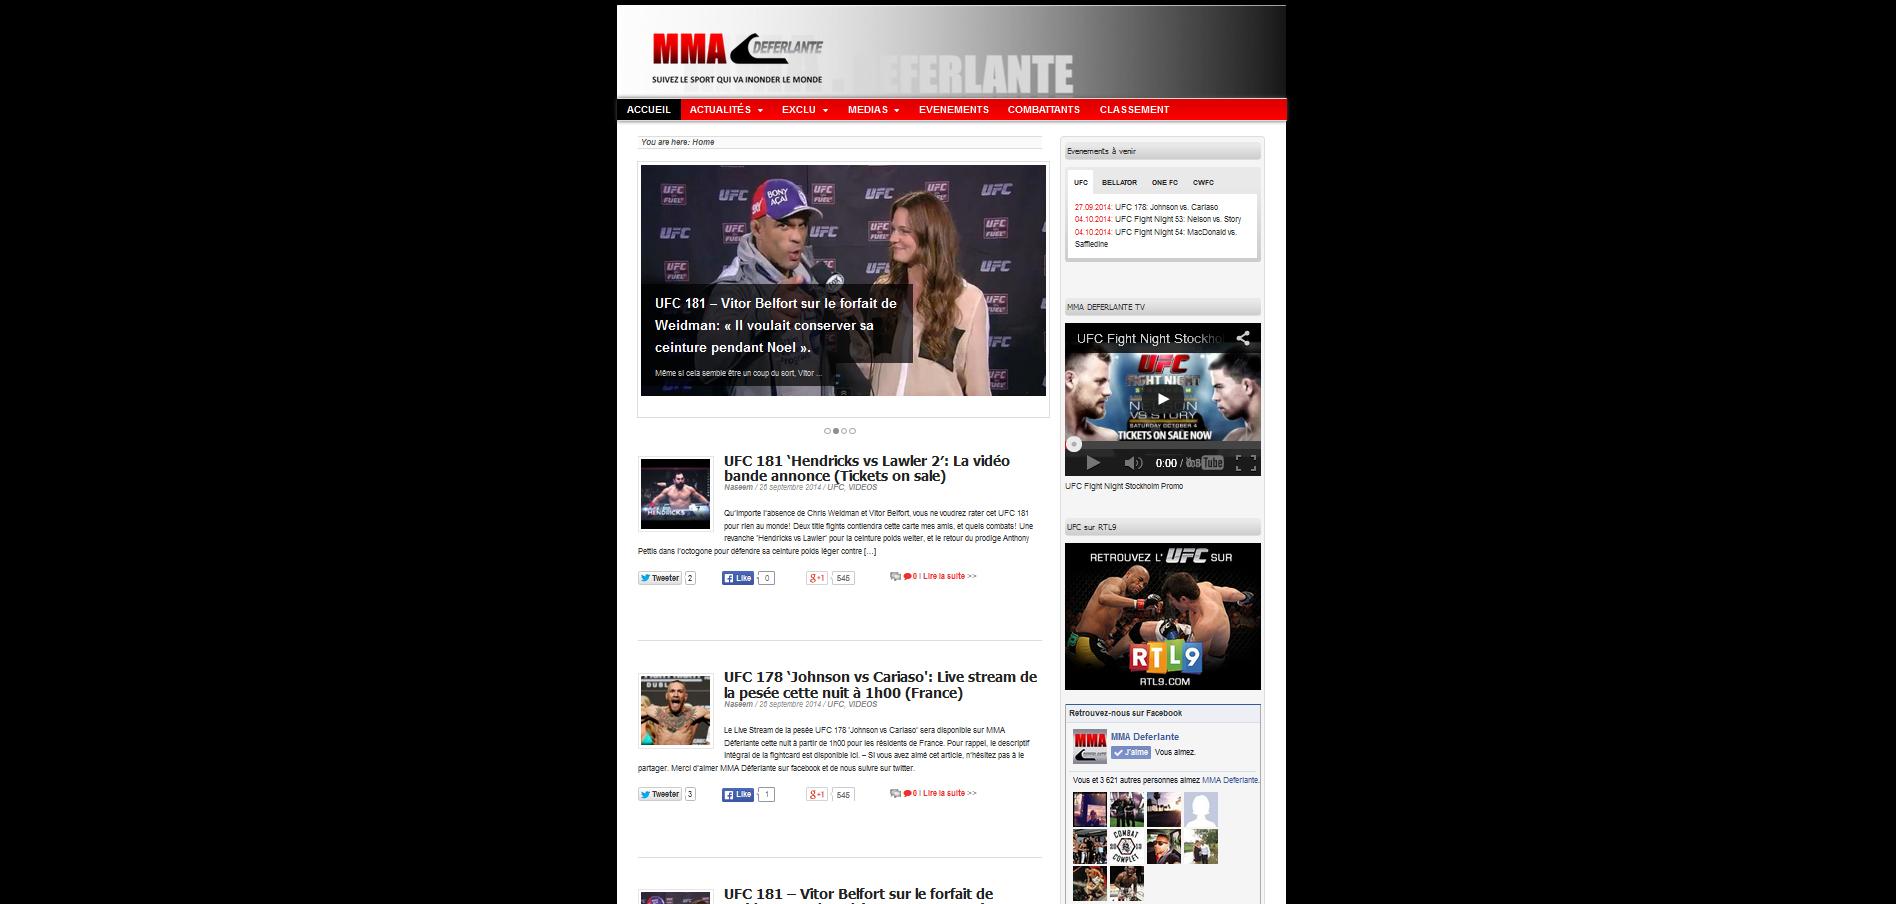 MMA-Deferlante